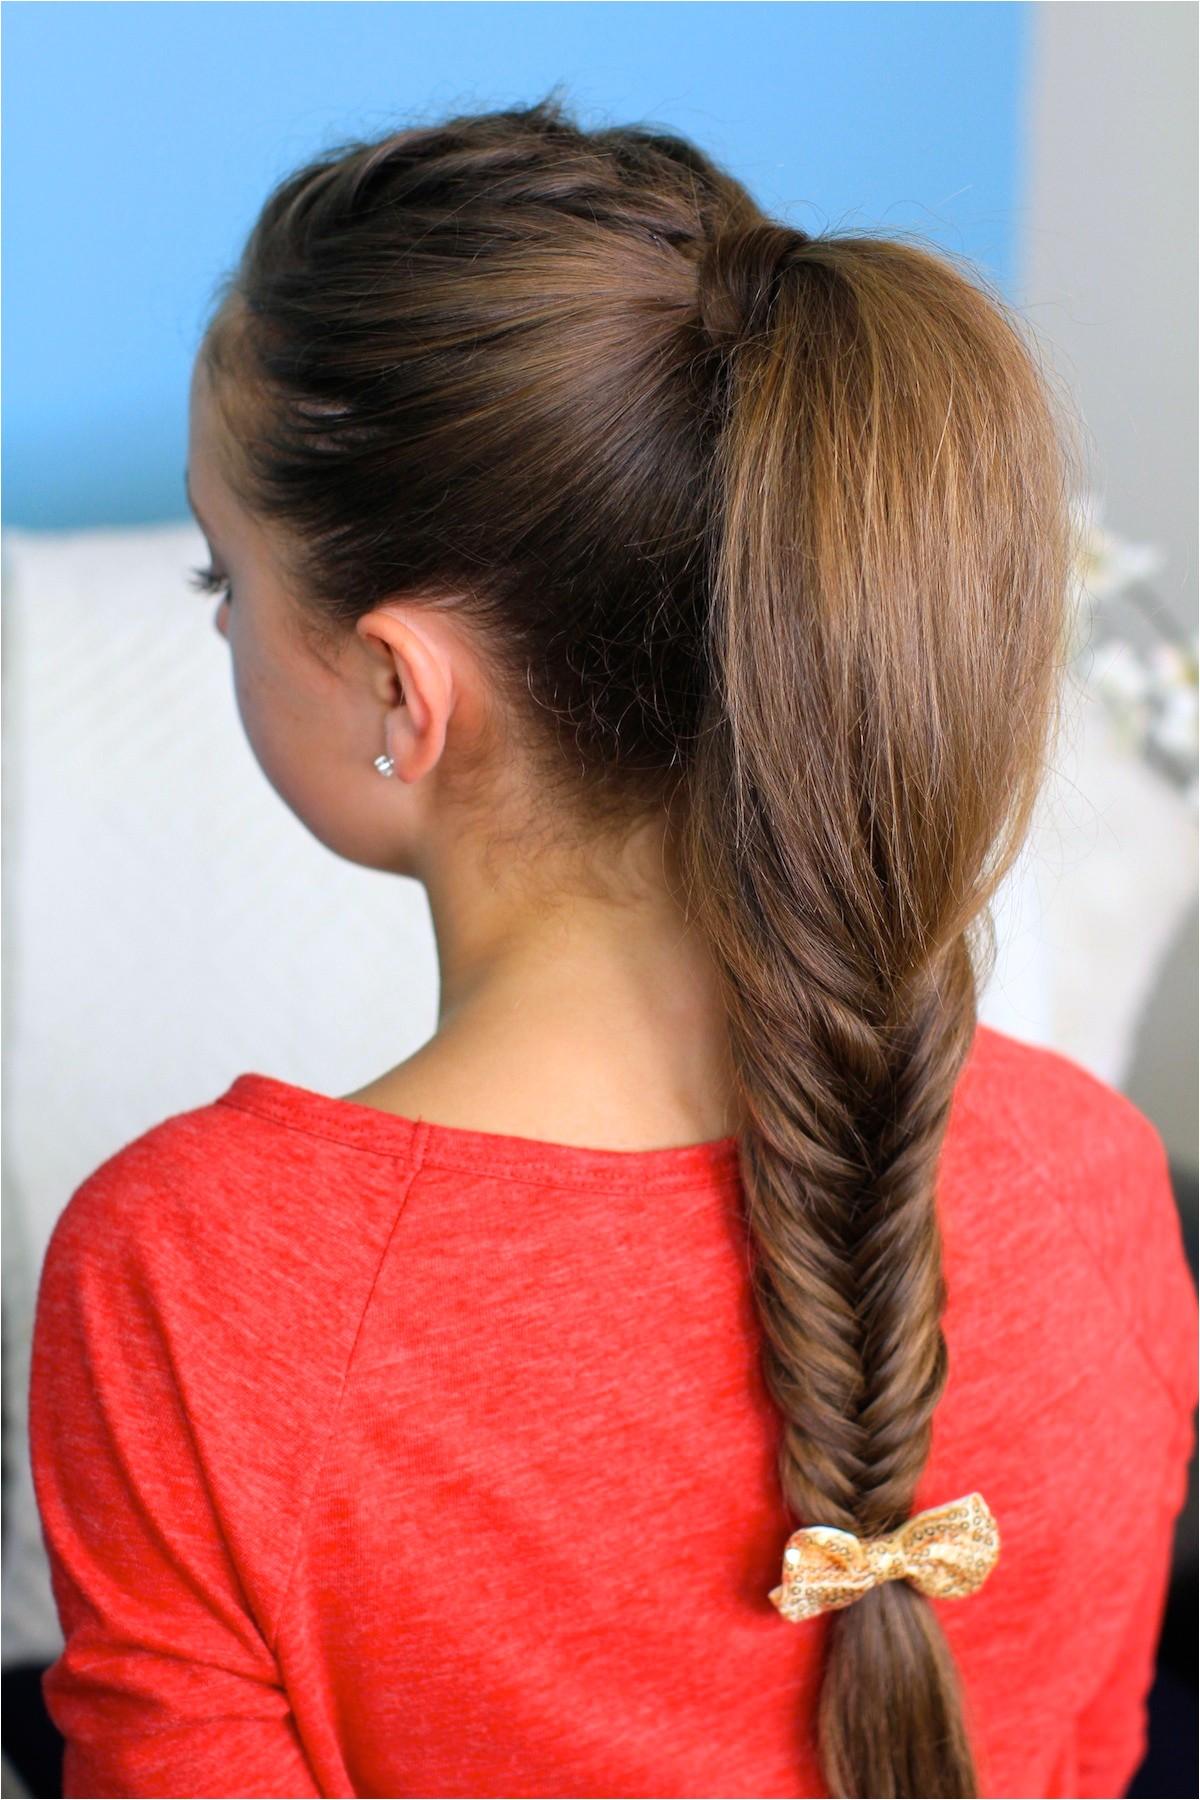 Cute Gurls Hairstyles Fluffy Fishtail Braid Hairstyles for Long Hair